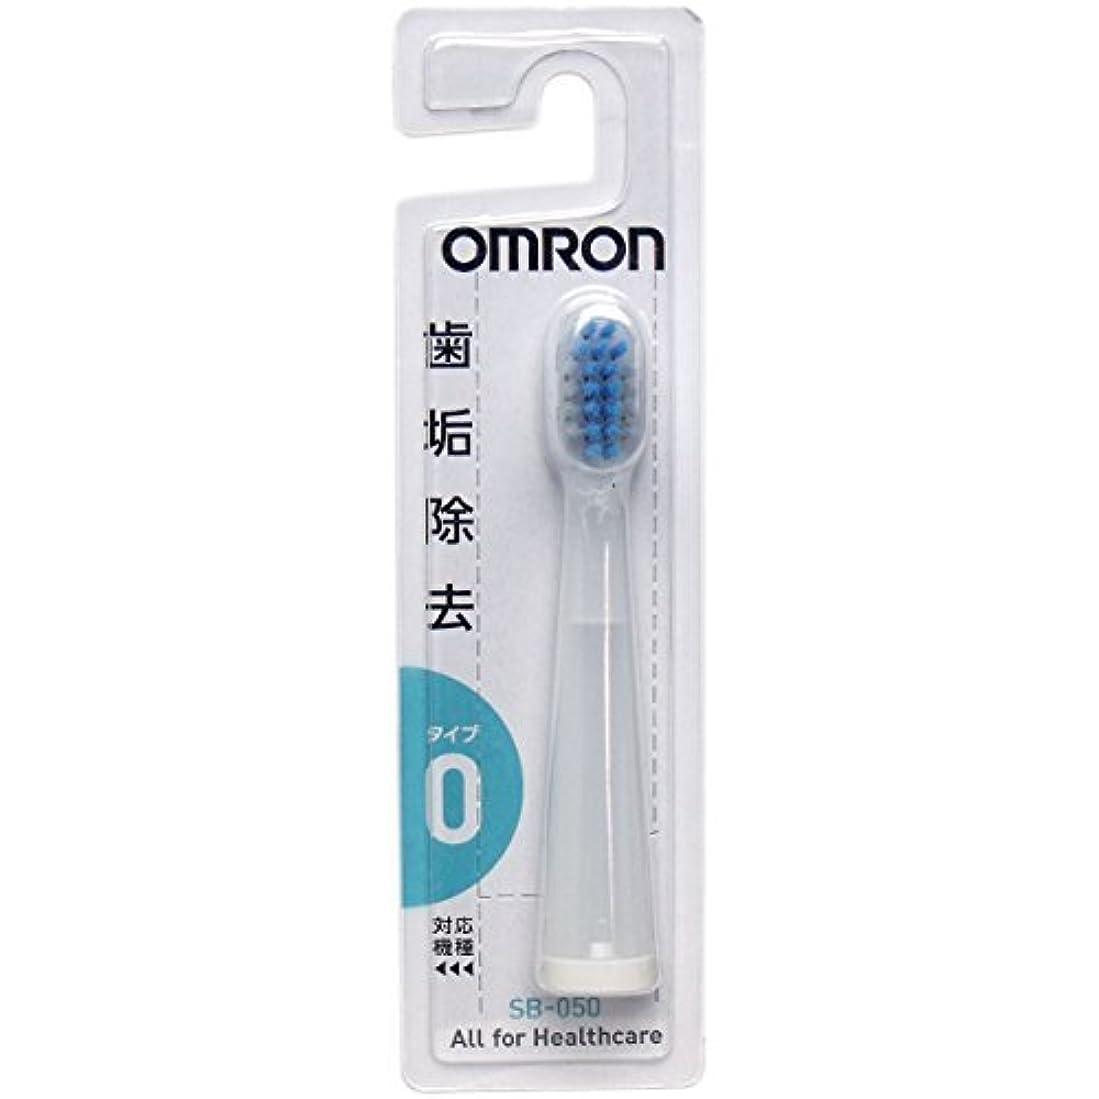 スプーン時計回り台風オムロン 音波式電動歯ブラシ用 ダブルメリットブラシ 1個入 SB-050